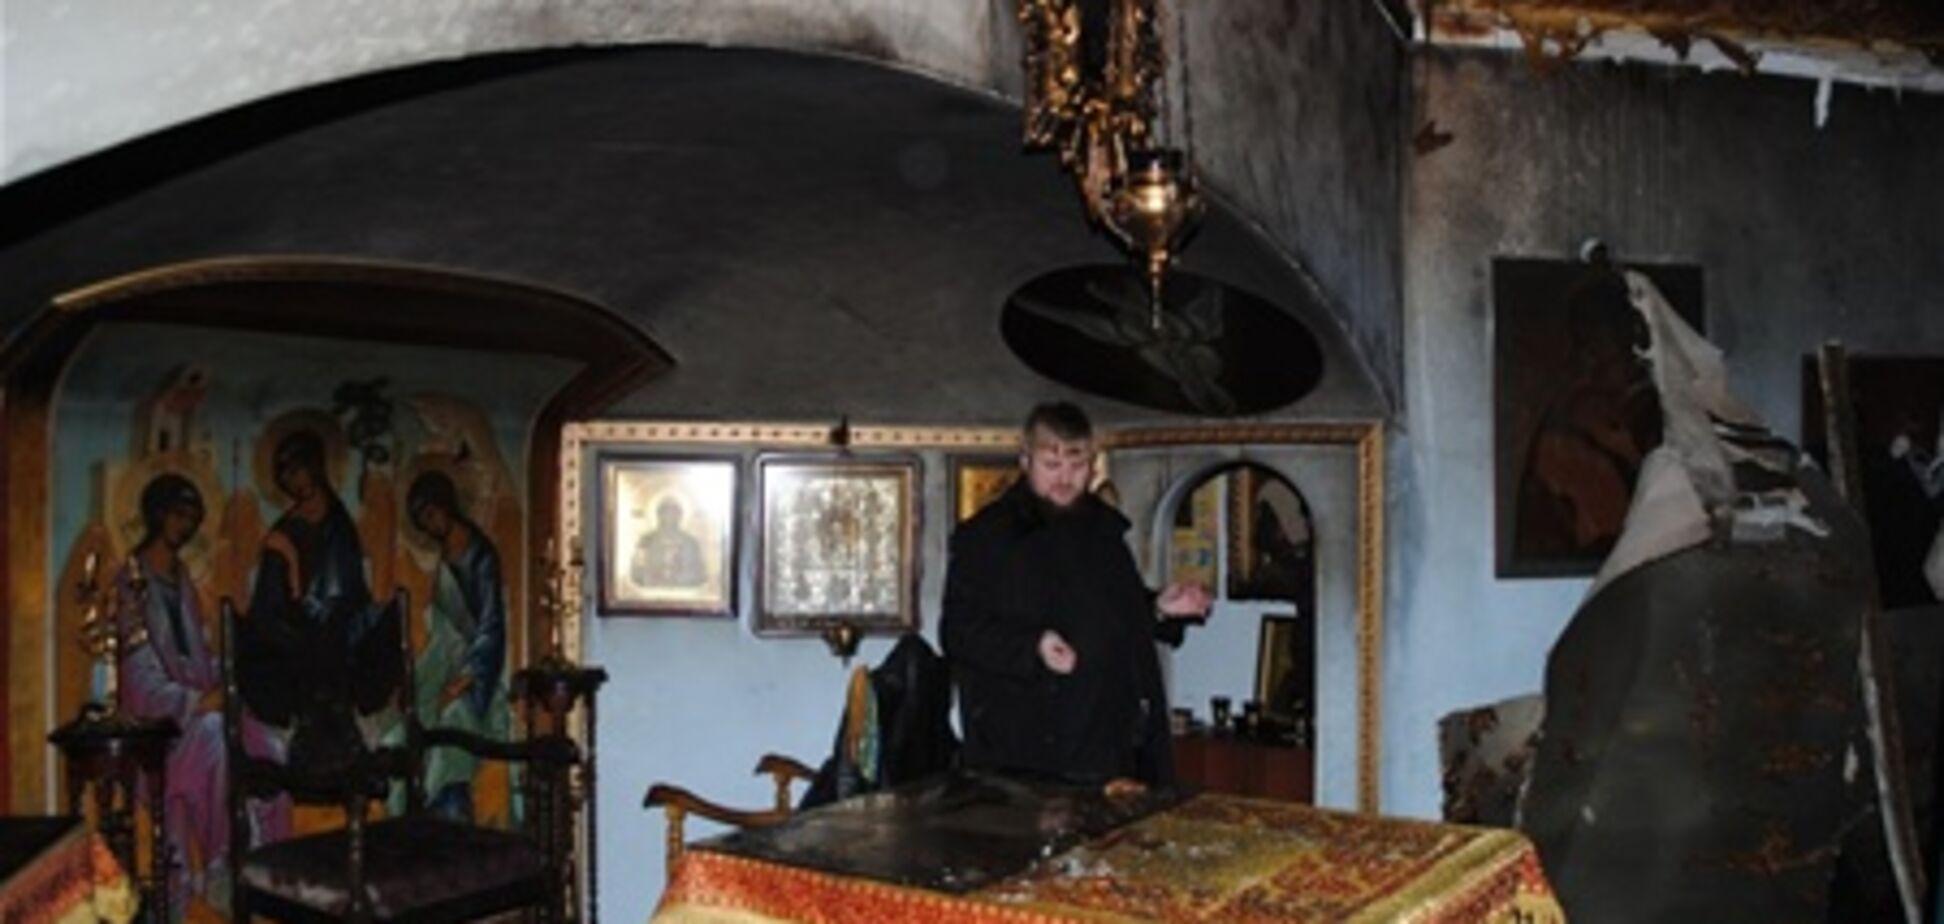 Пожар возле Десятинной Церкви: монахи подозревают язычников